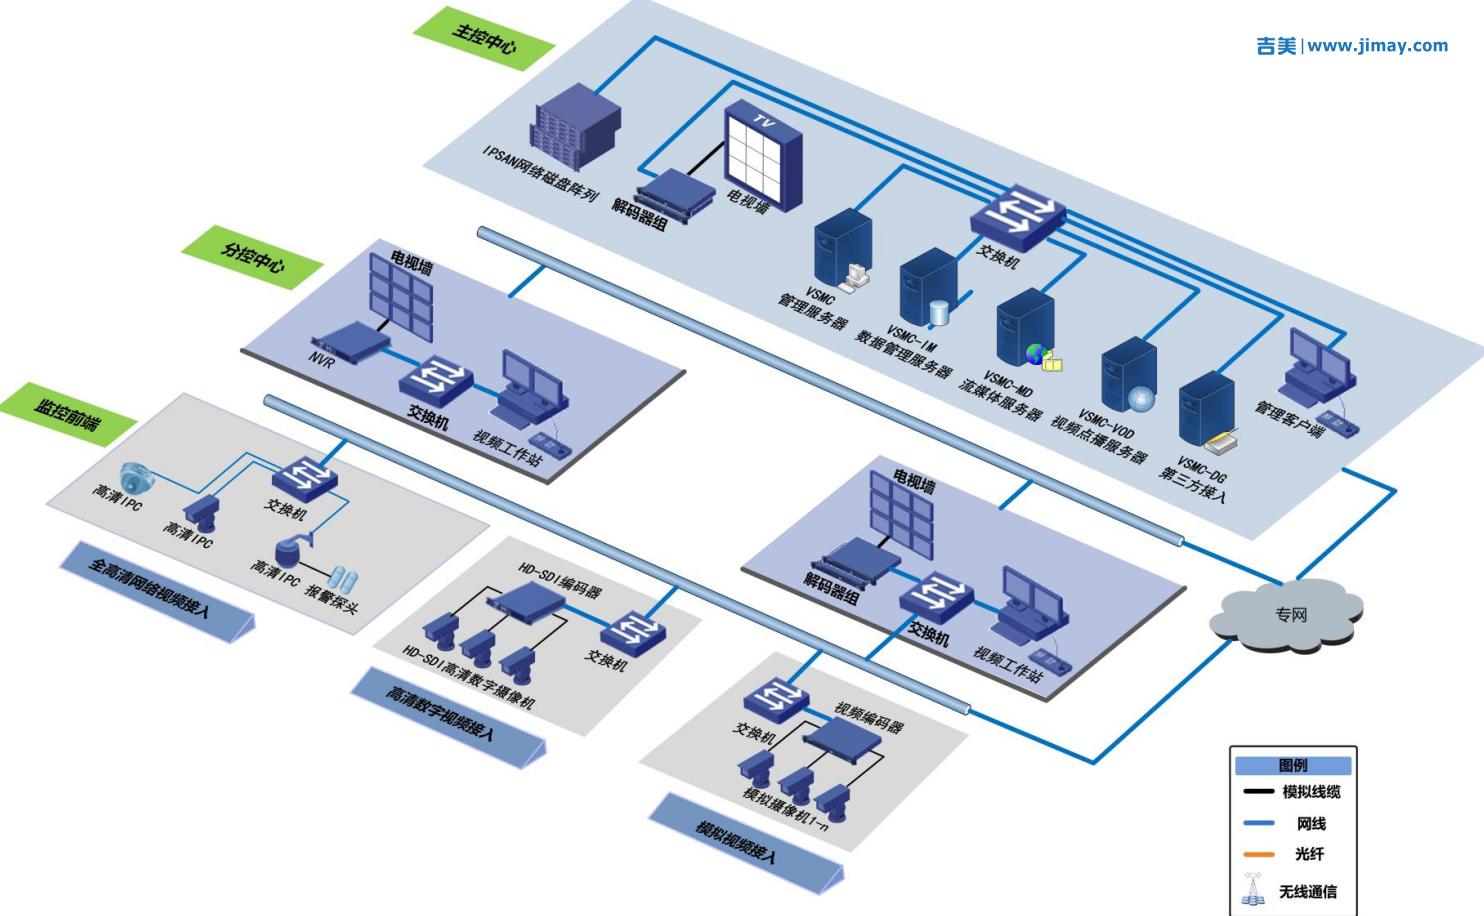 智慧工厂安防视频监控及动态布控预警方案